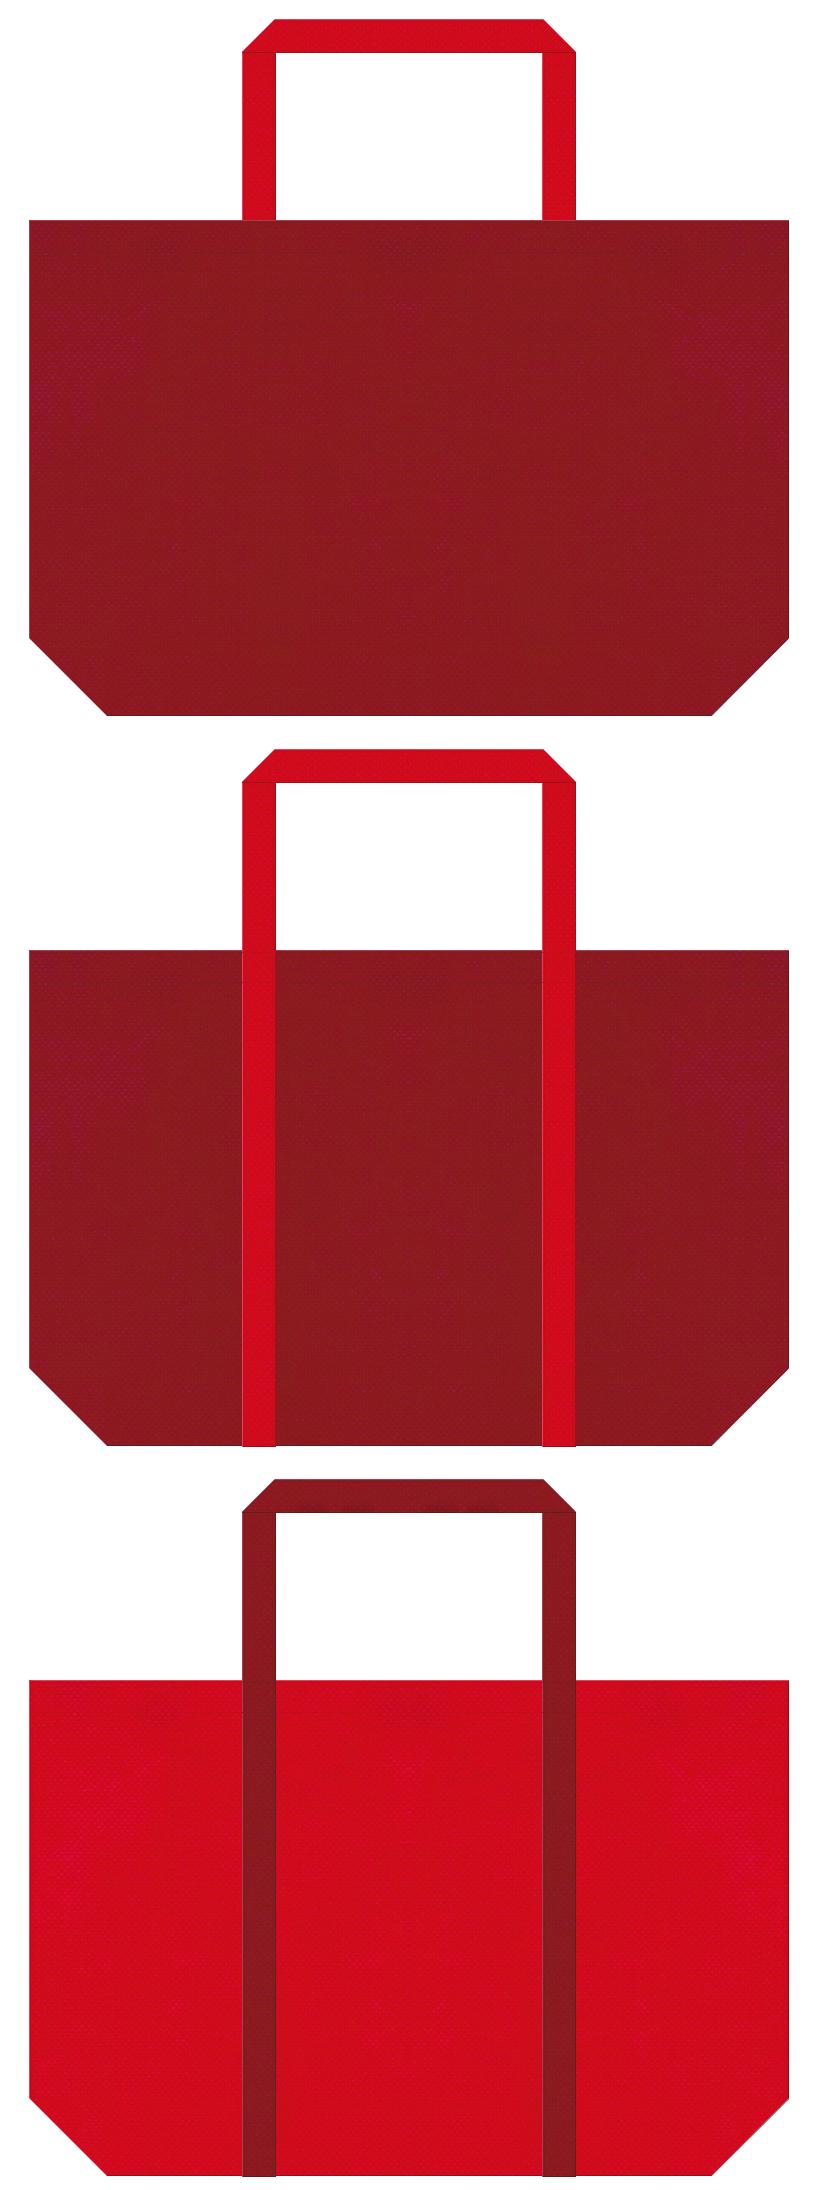 鎧兜・端午の節句・赤備え・お城イベント・紅葉・観光土産・クリスマスセール・暖炉・ストーブ・漆器・慶事・お正月・福袋にお奨め:エンジ色と紅色の不織布ショッピングバッグのデザイン